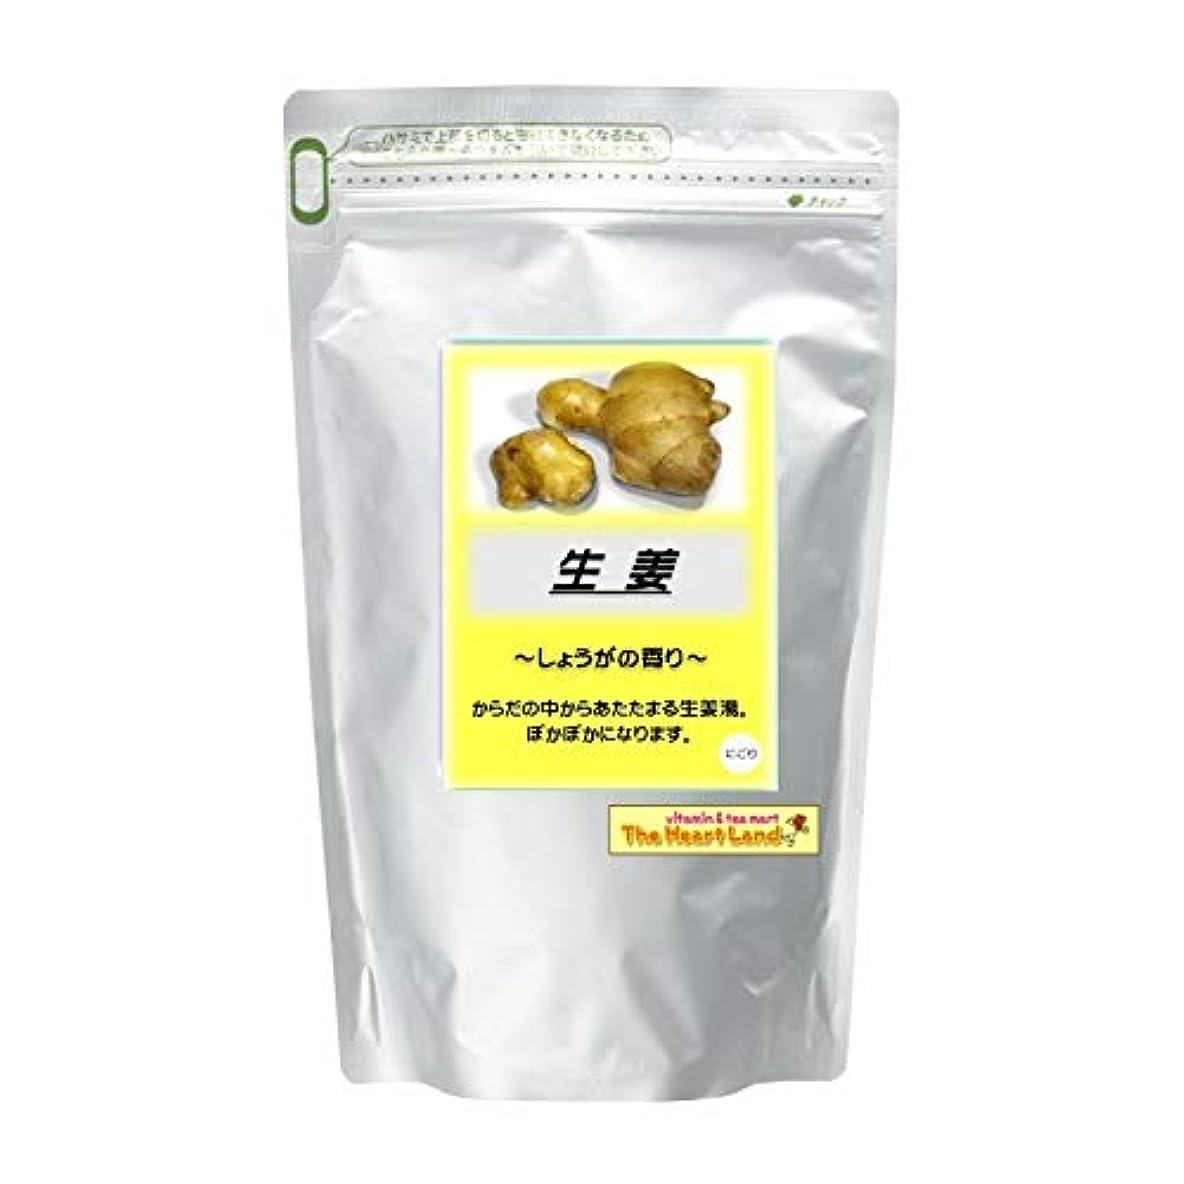 行商人アレルギーワンダーアサヒ入浴剤 浴用入浴化粧品 生姜 2.5kg